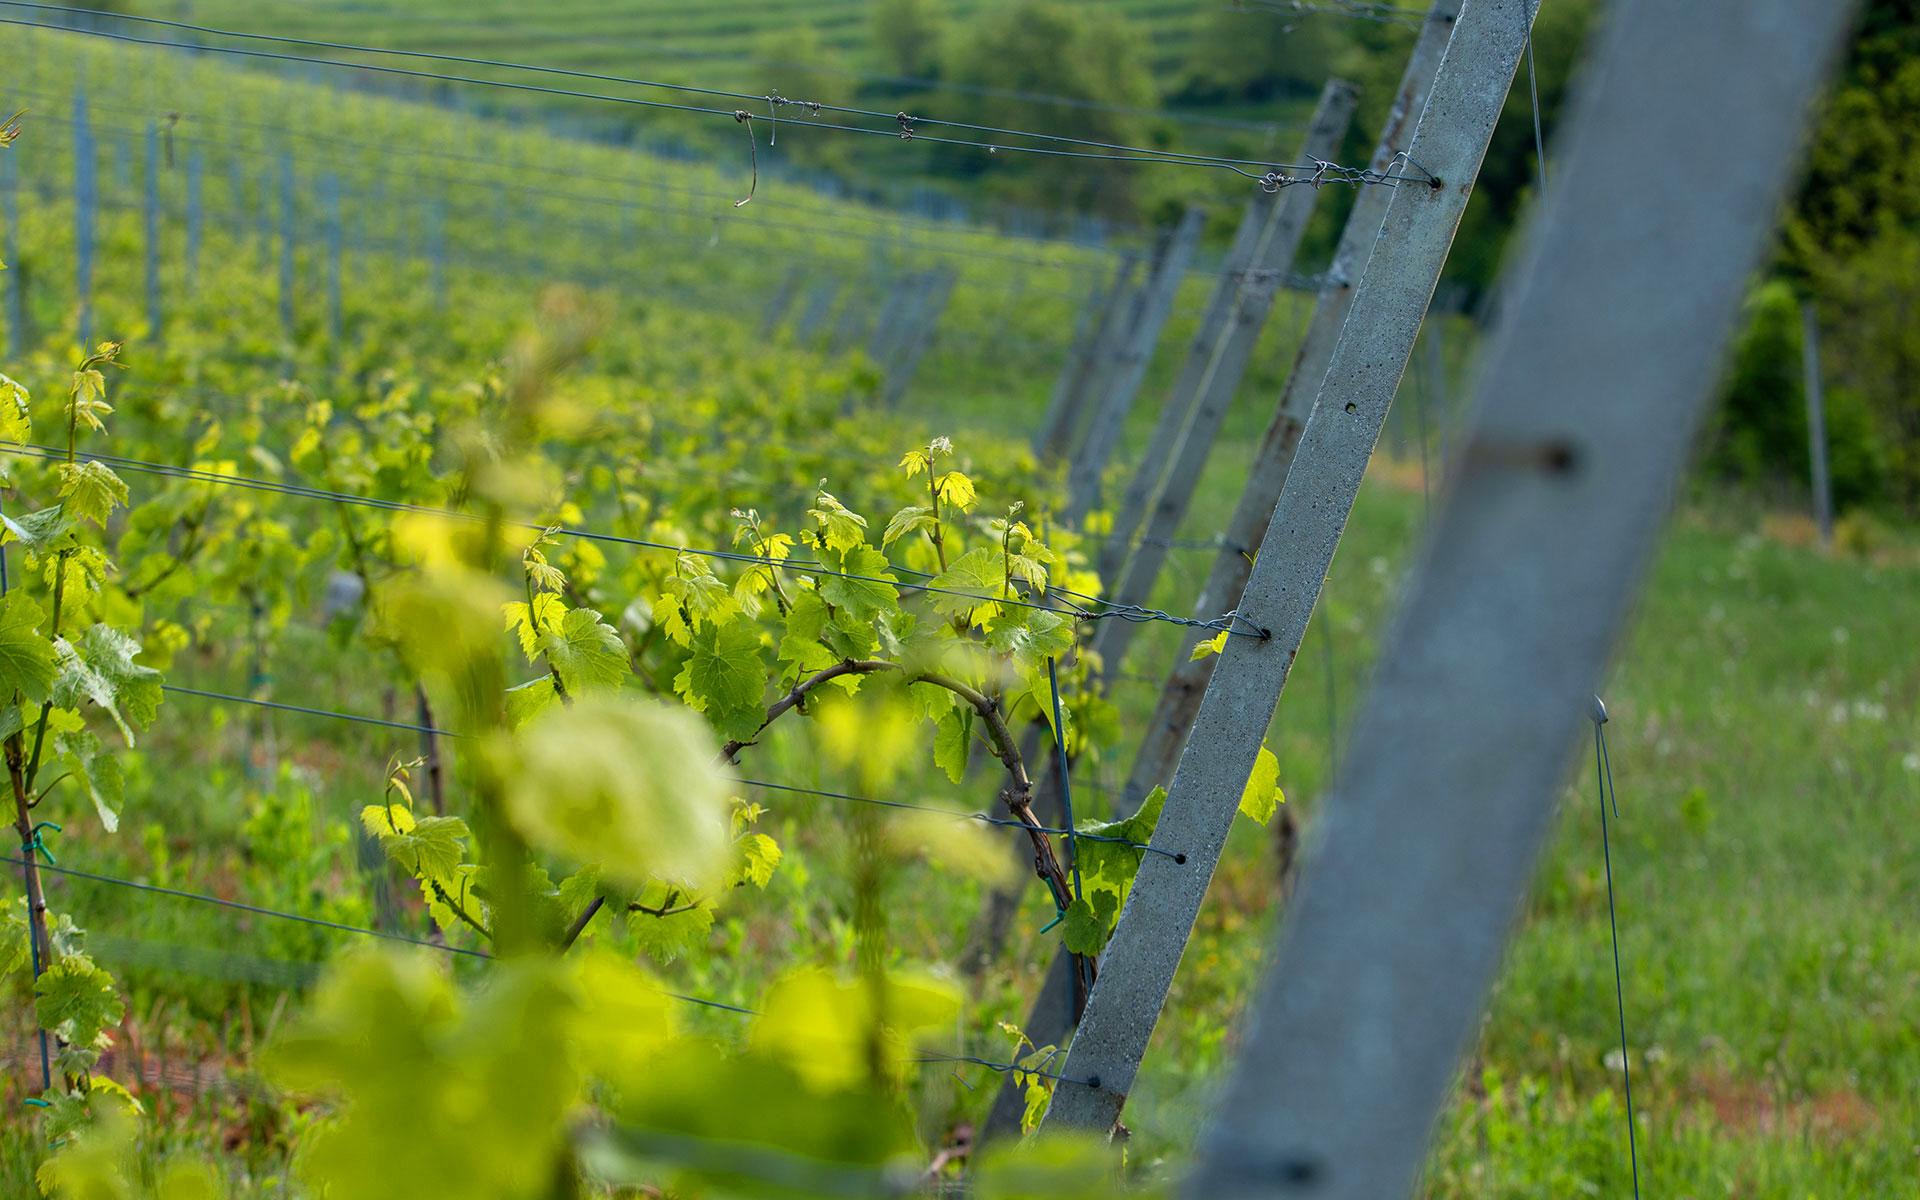 mursa_vinograd_maro-wine